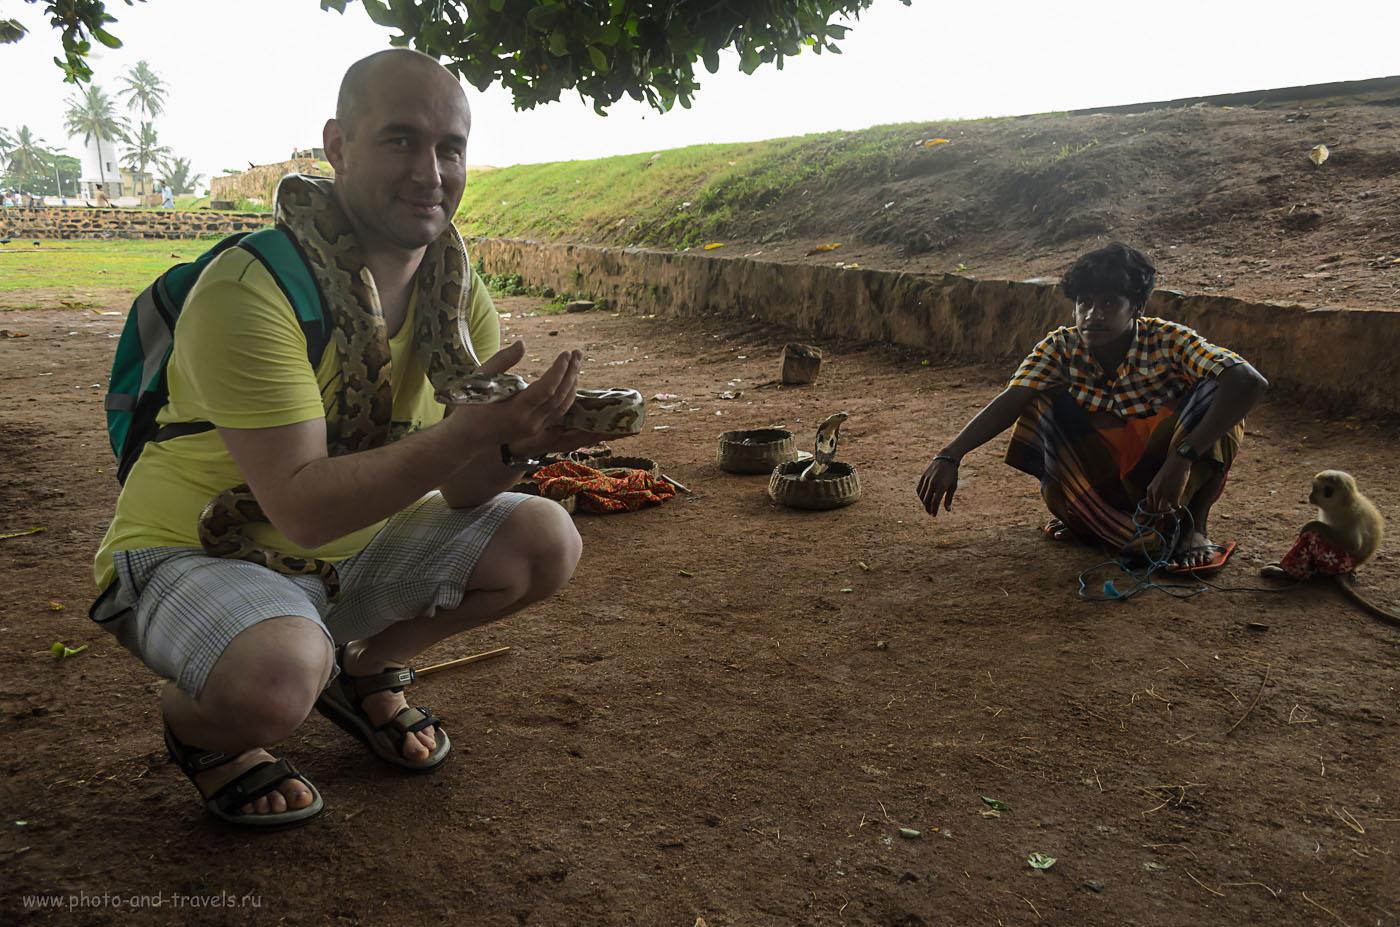 Фотография 10. Белый заклинатель змей на Шри-Ланке. Самостоятельная экскурсия Форт Галле. Отзывы туристов об отдыхе в мае.